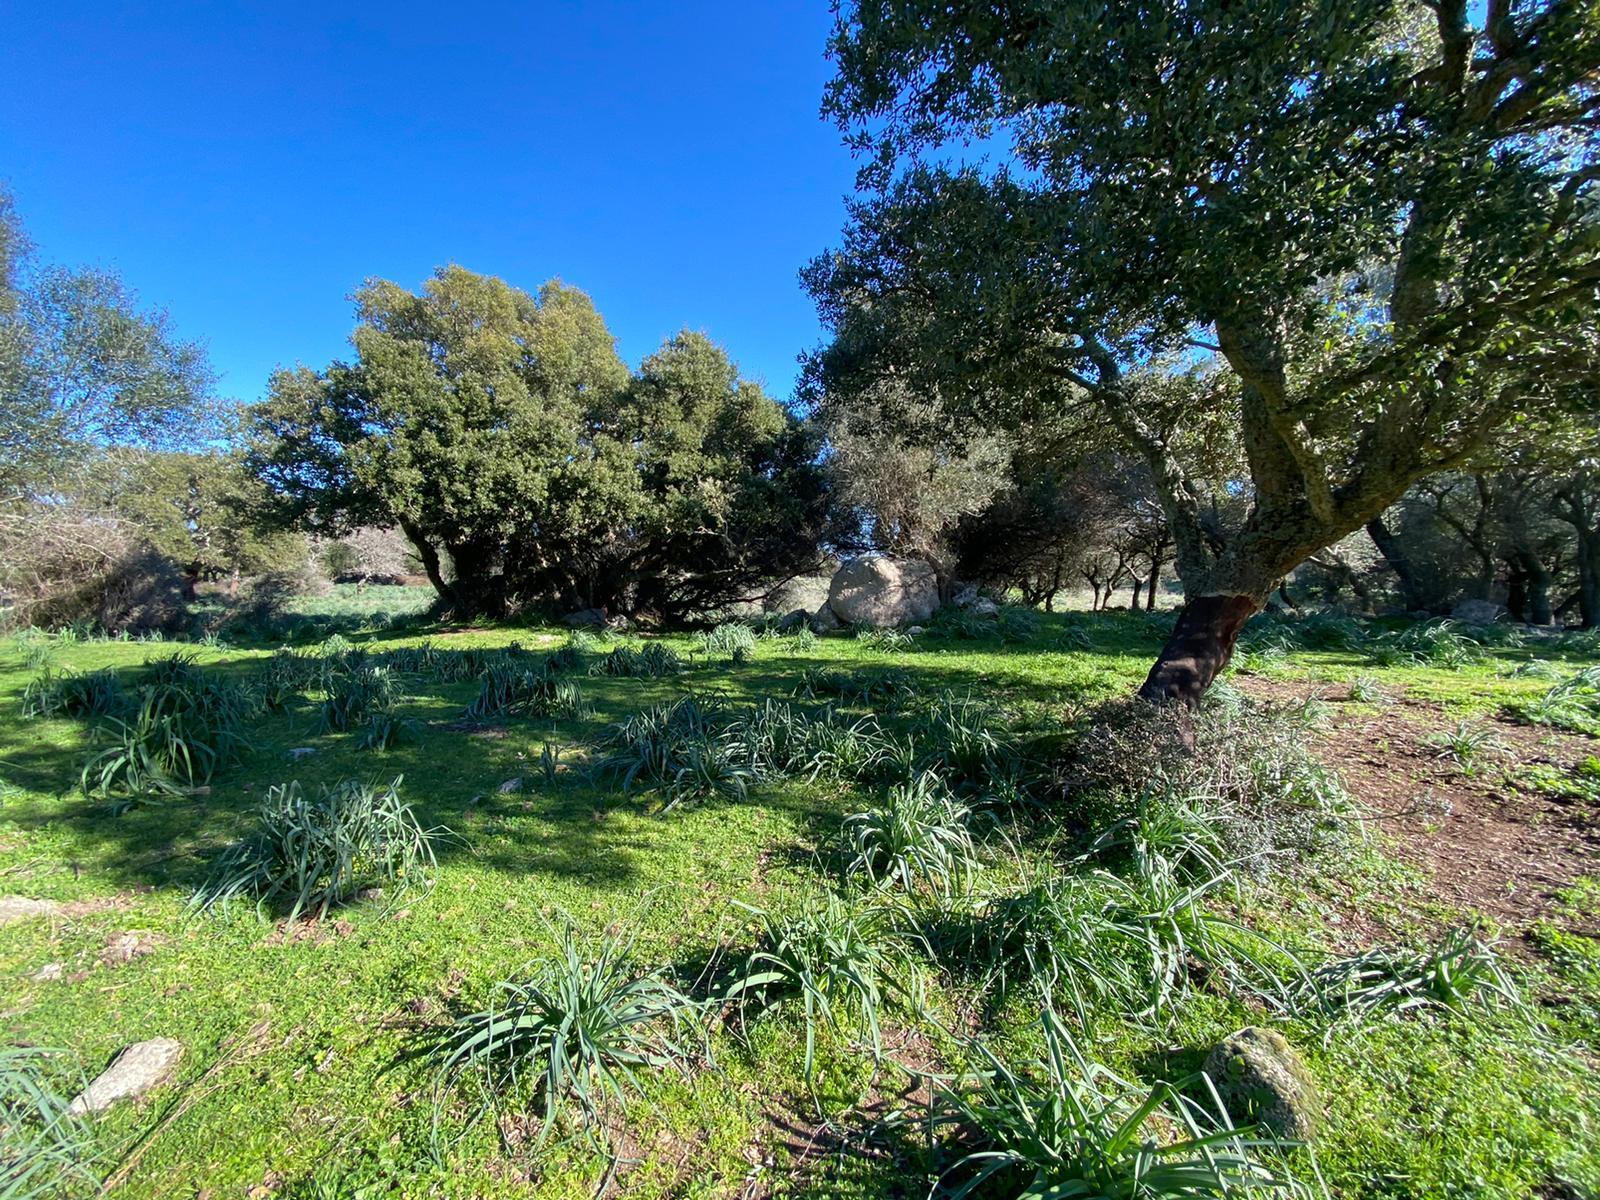 Terreno Agricolo in vendita a Telti, 9999 locali, prezzo € 300.000 | CambioCasa.it